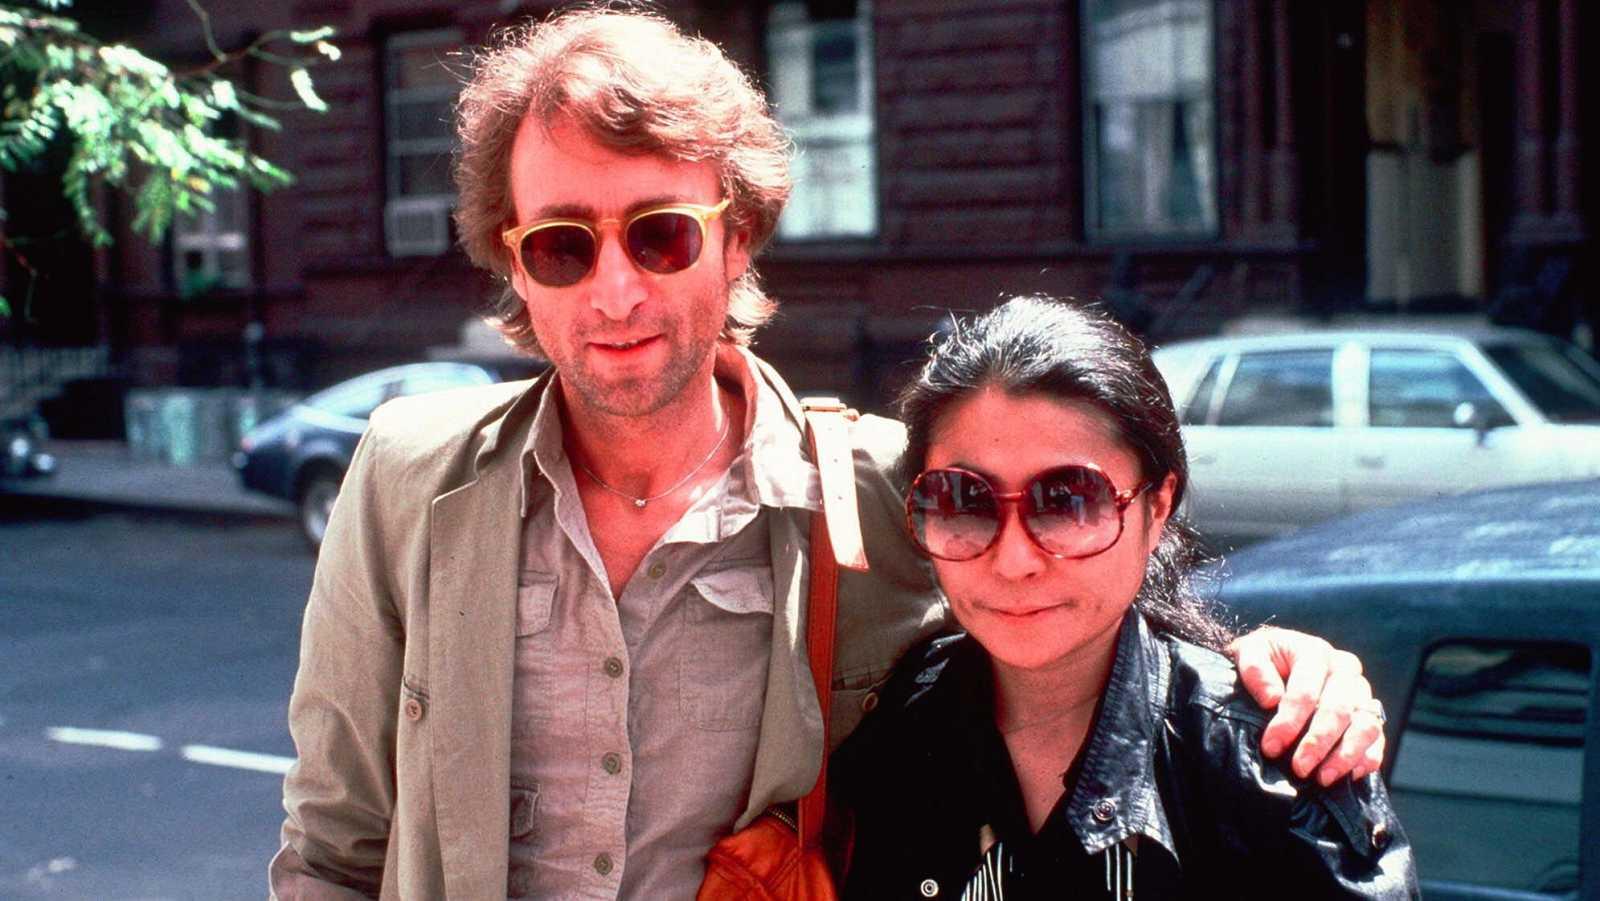 El mundo recuerda a John Lennon en el 40 aniversario de su asesinato